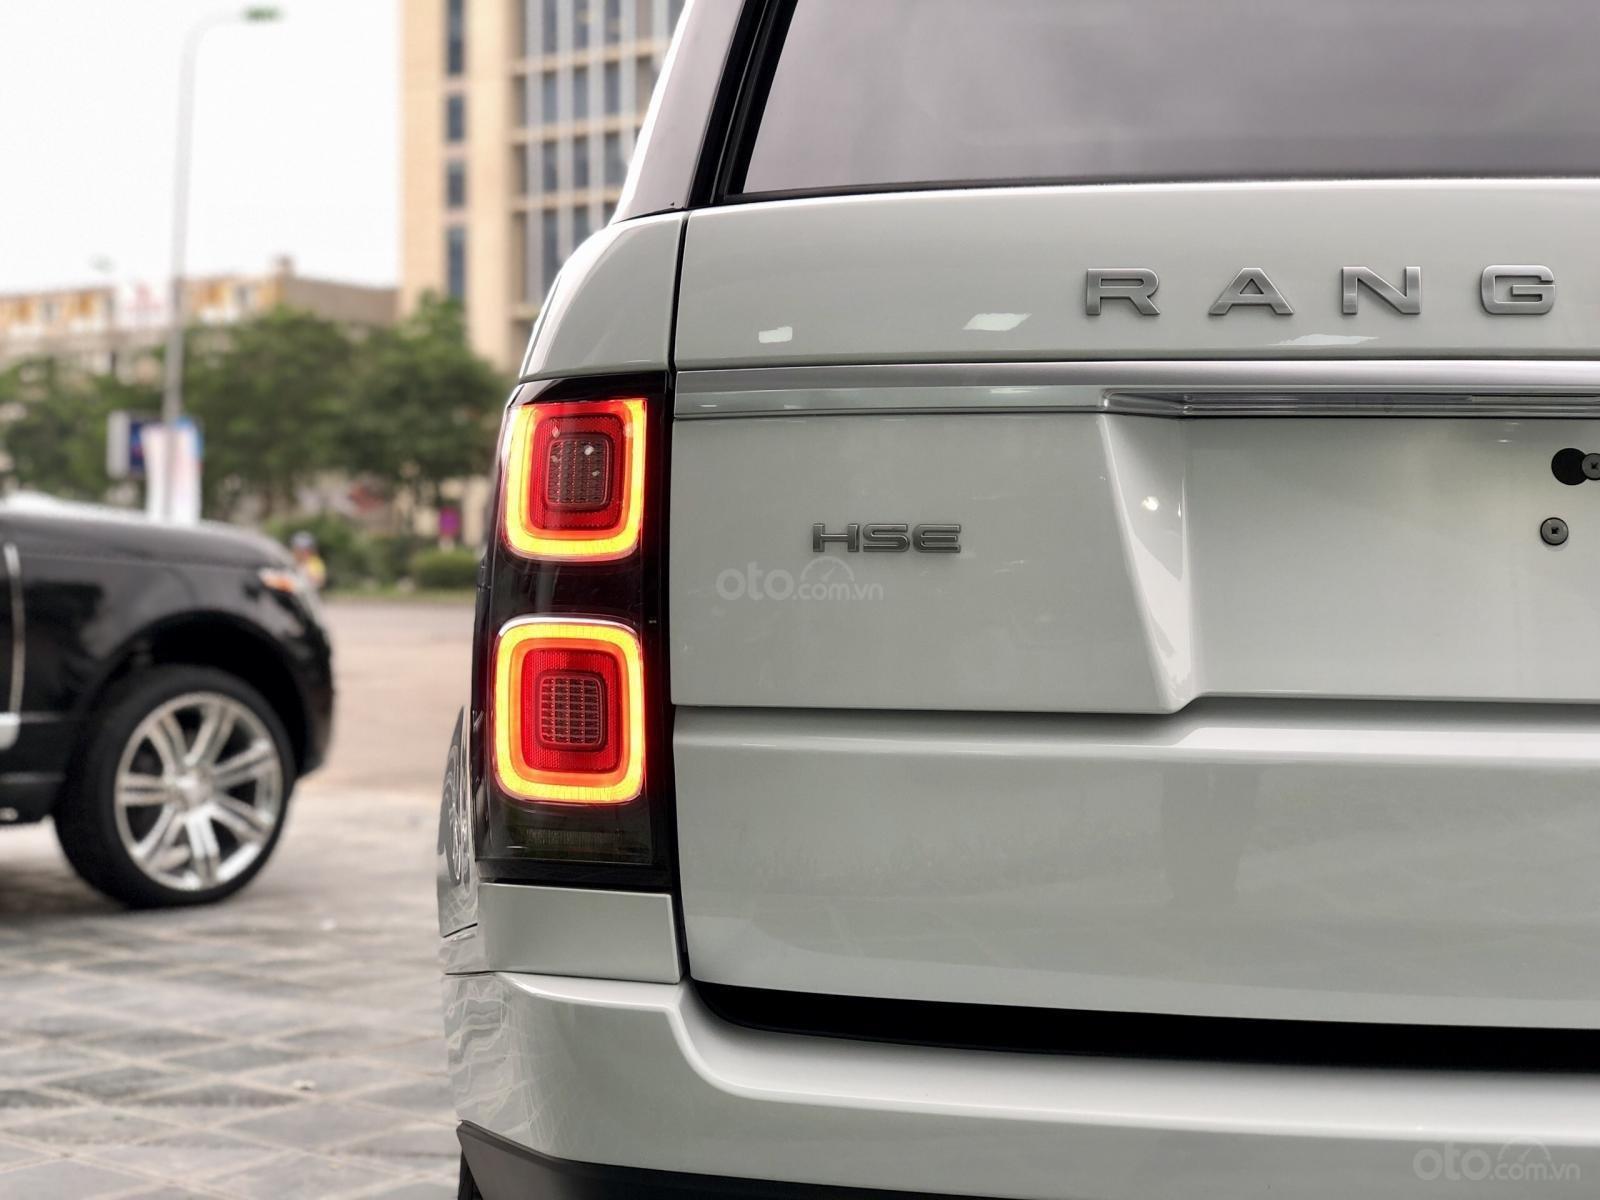 Bán LandRover Range Rover HSE 3.0 năm 2018, màu trắng, nhập khẩu, hỗ trợ ngân hàng 6 tỷ, call: 0914.868.198 (9)